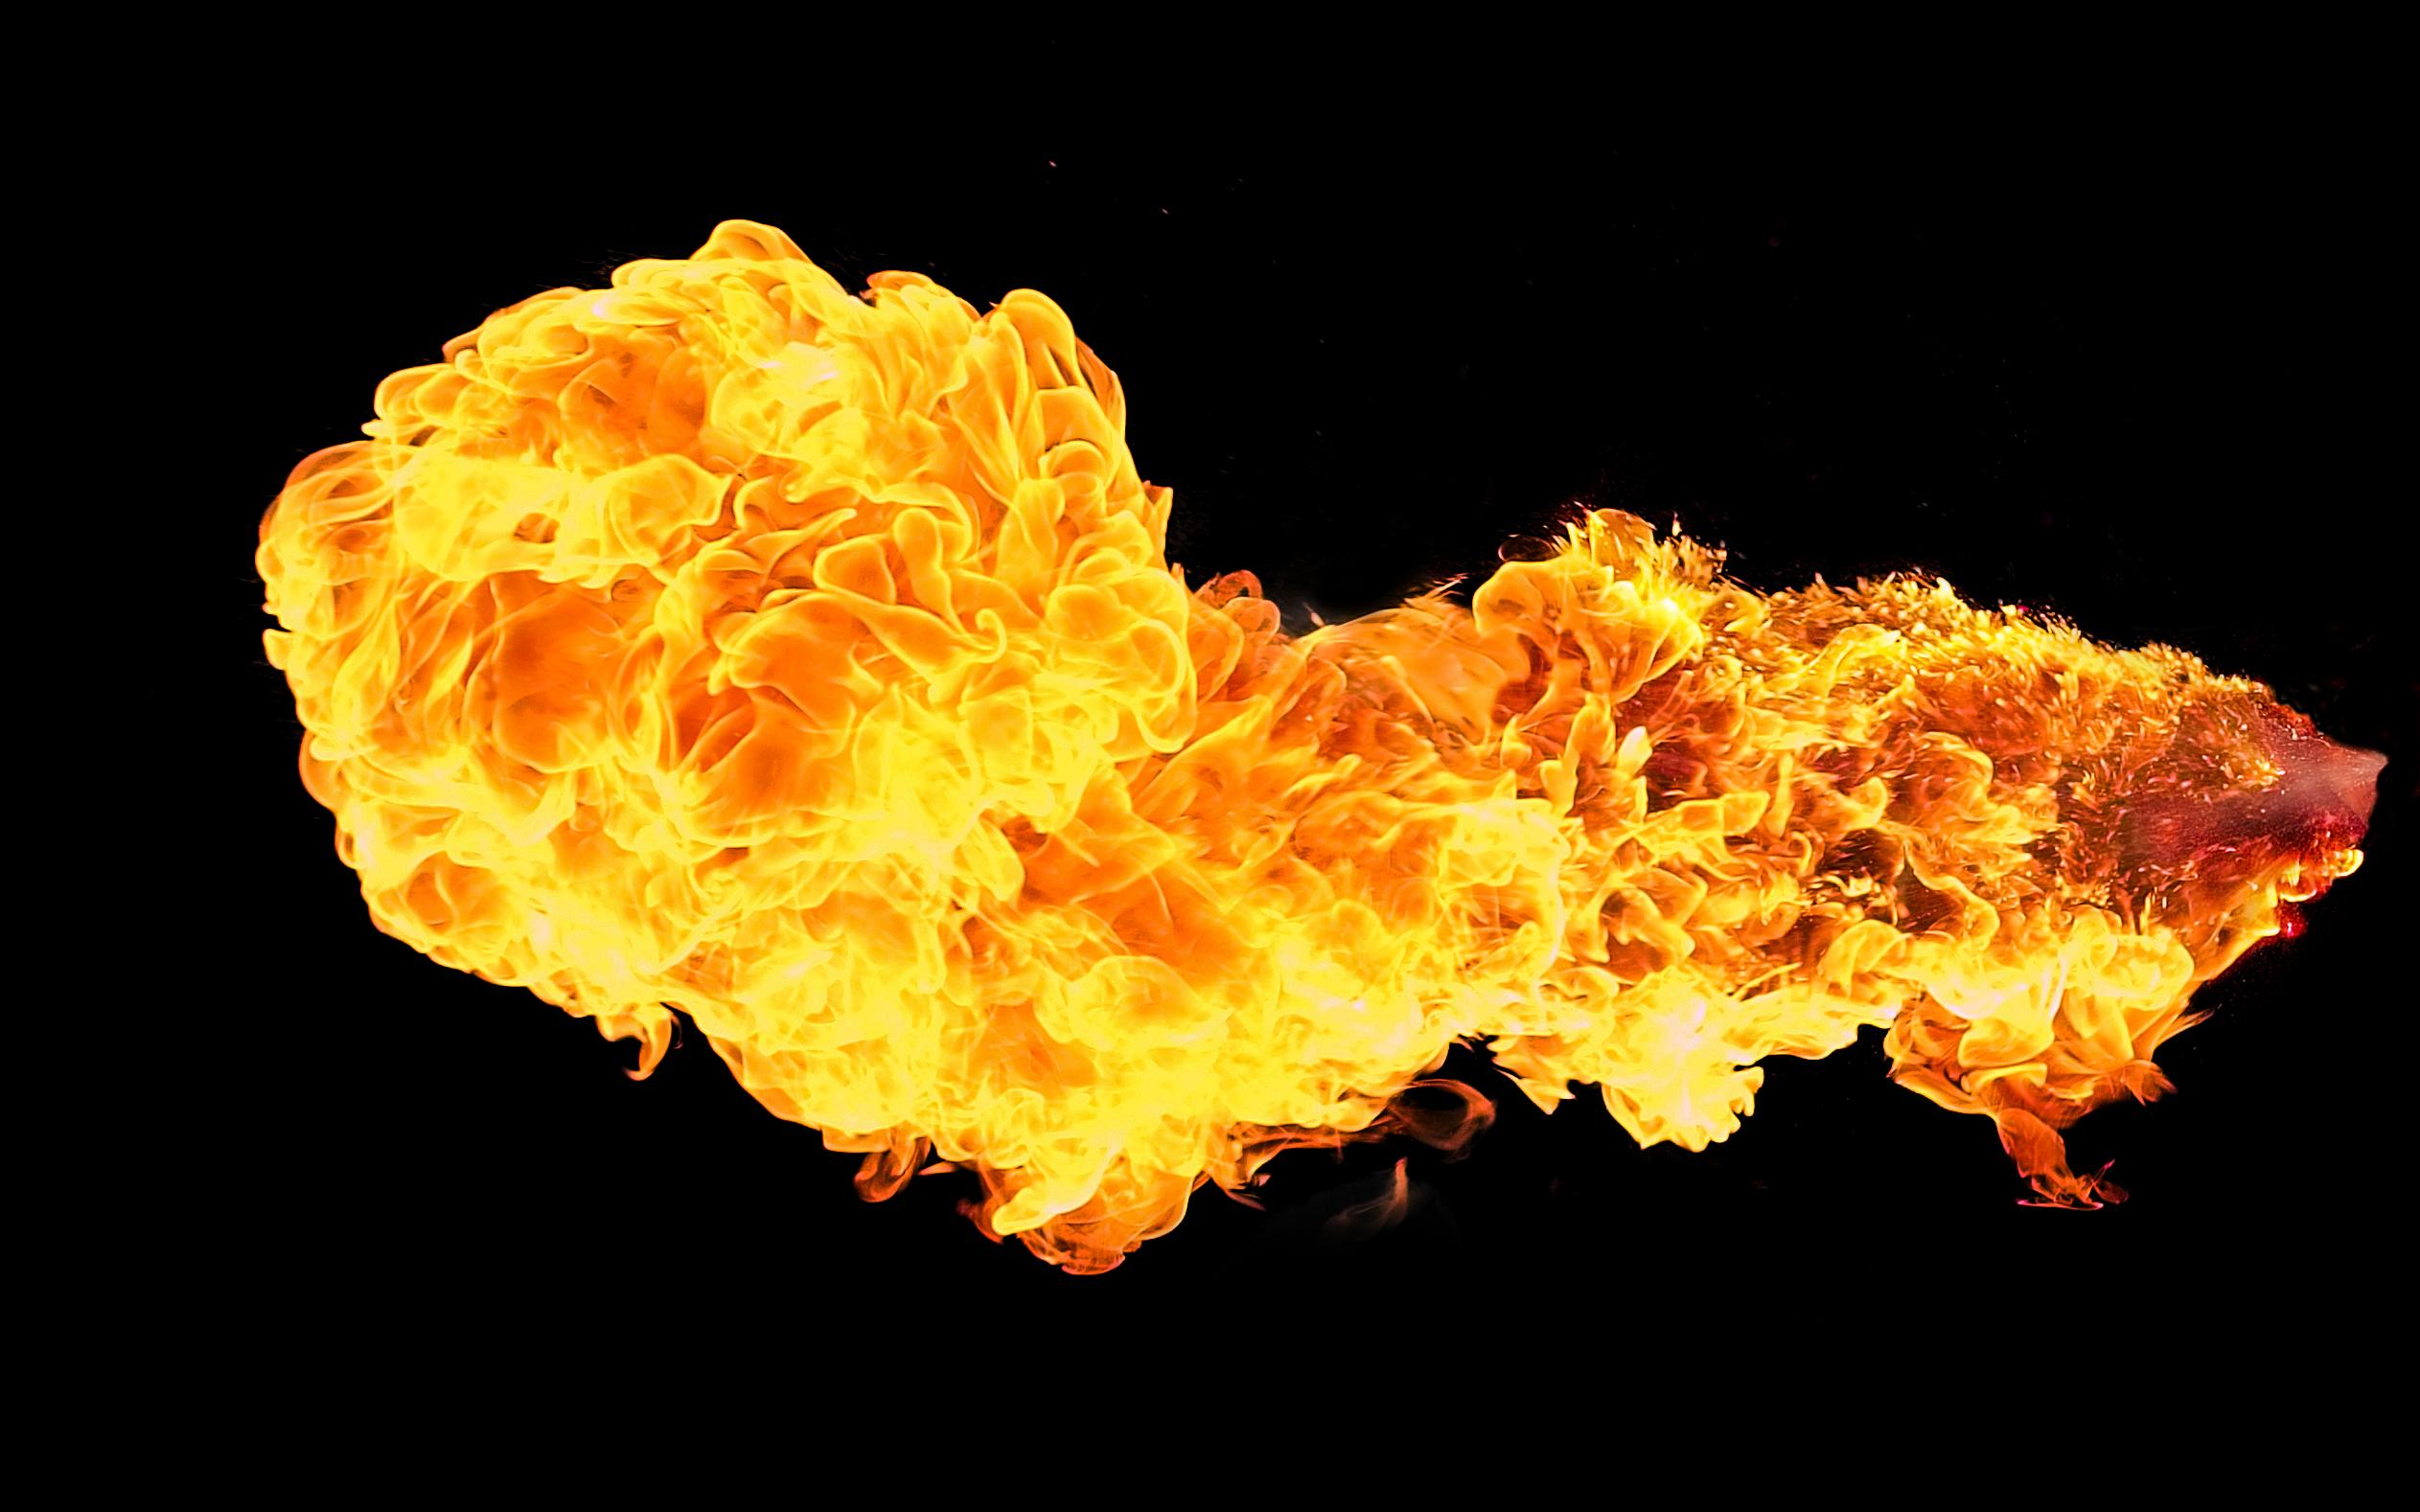 Hình ảnh quả cầu lửa